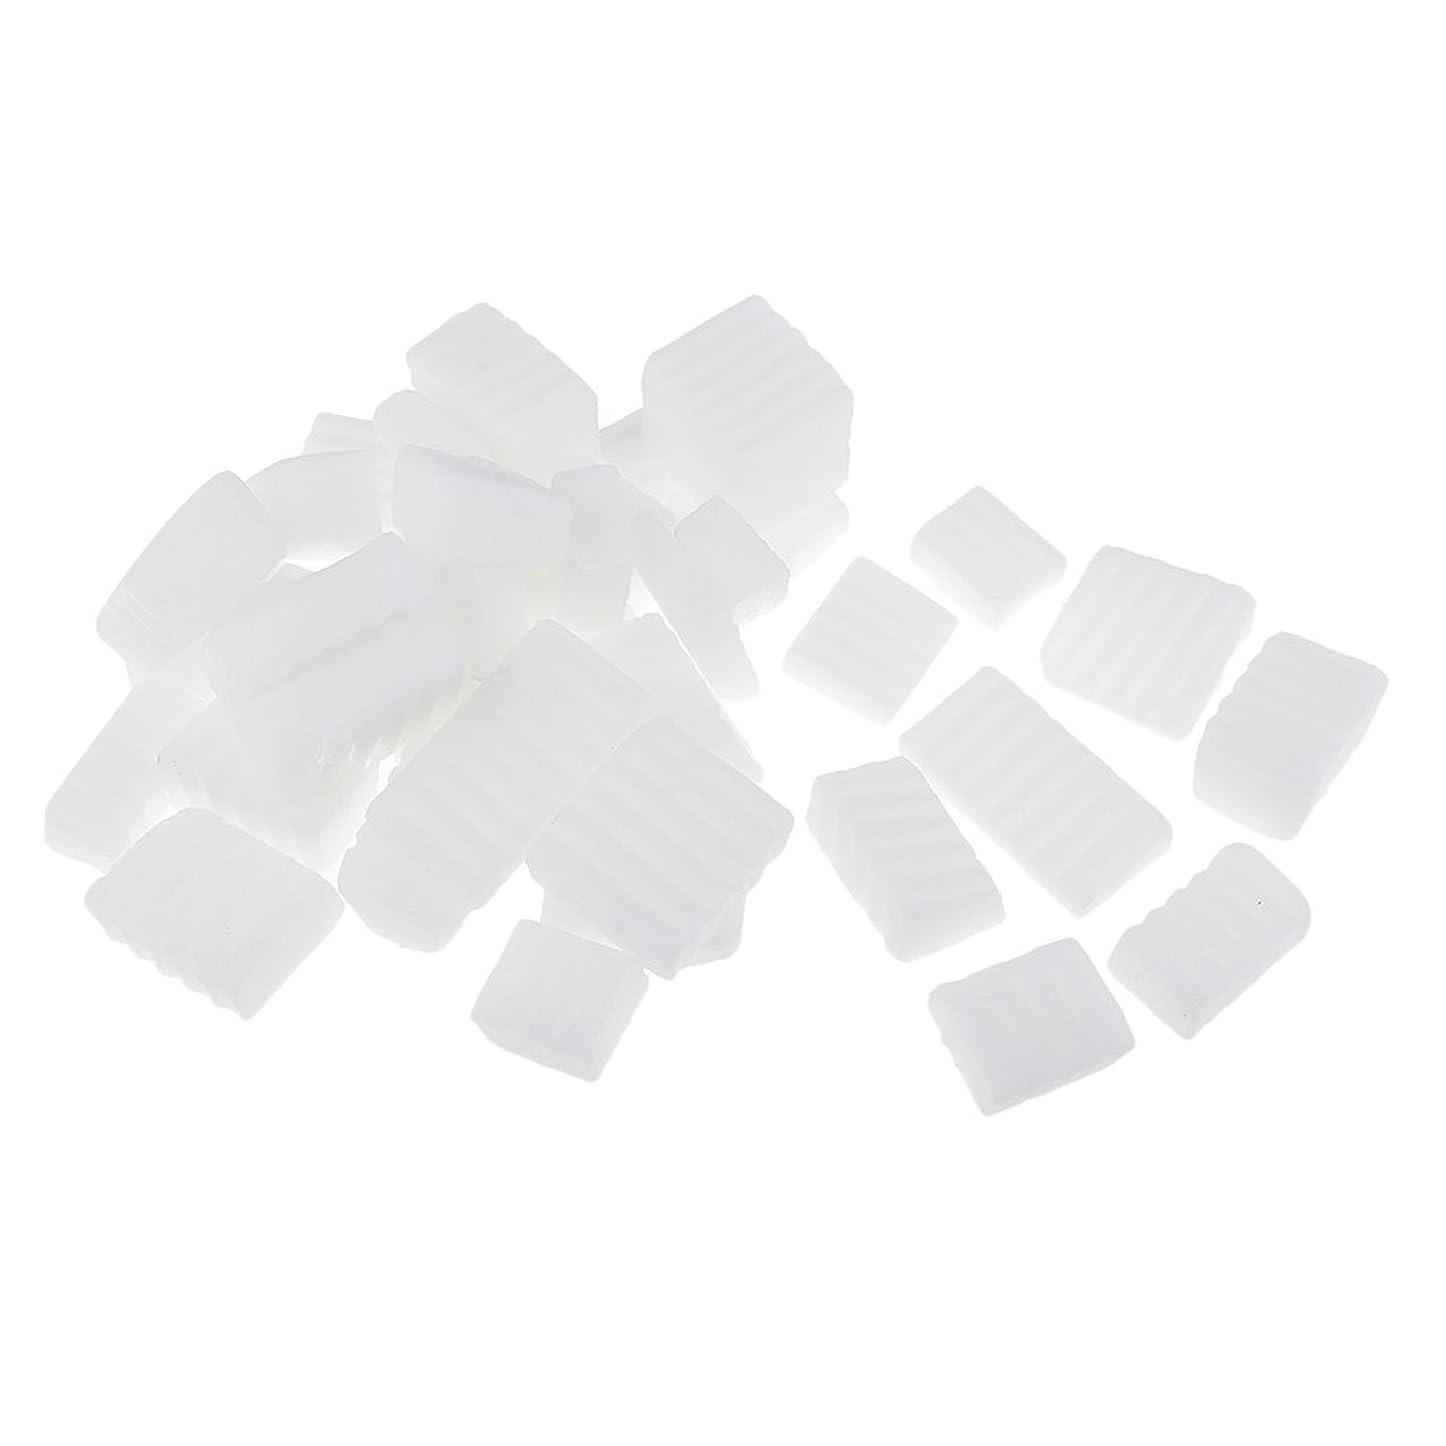 囲い愛激怒Perfk 石鹸ベース DIY 手作り 石鹸 原料 1 KG 白い 手作り バス用品